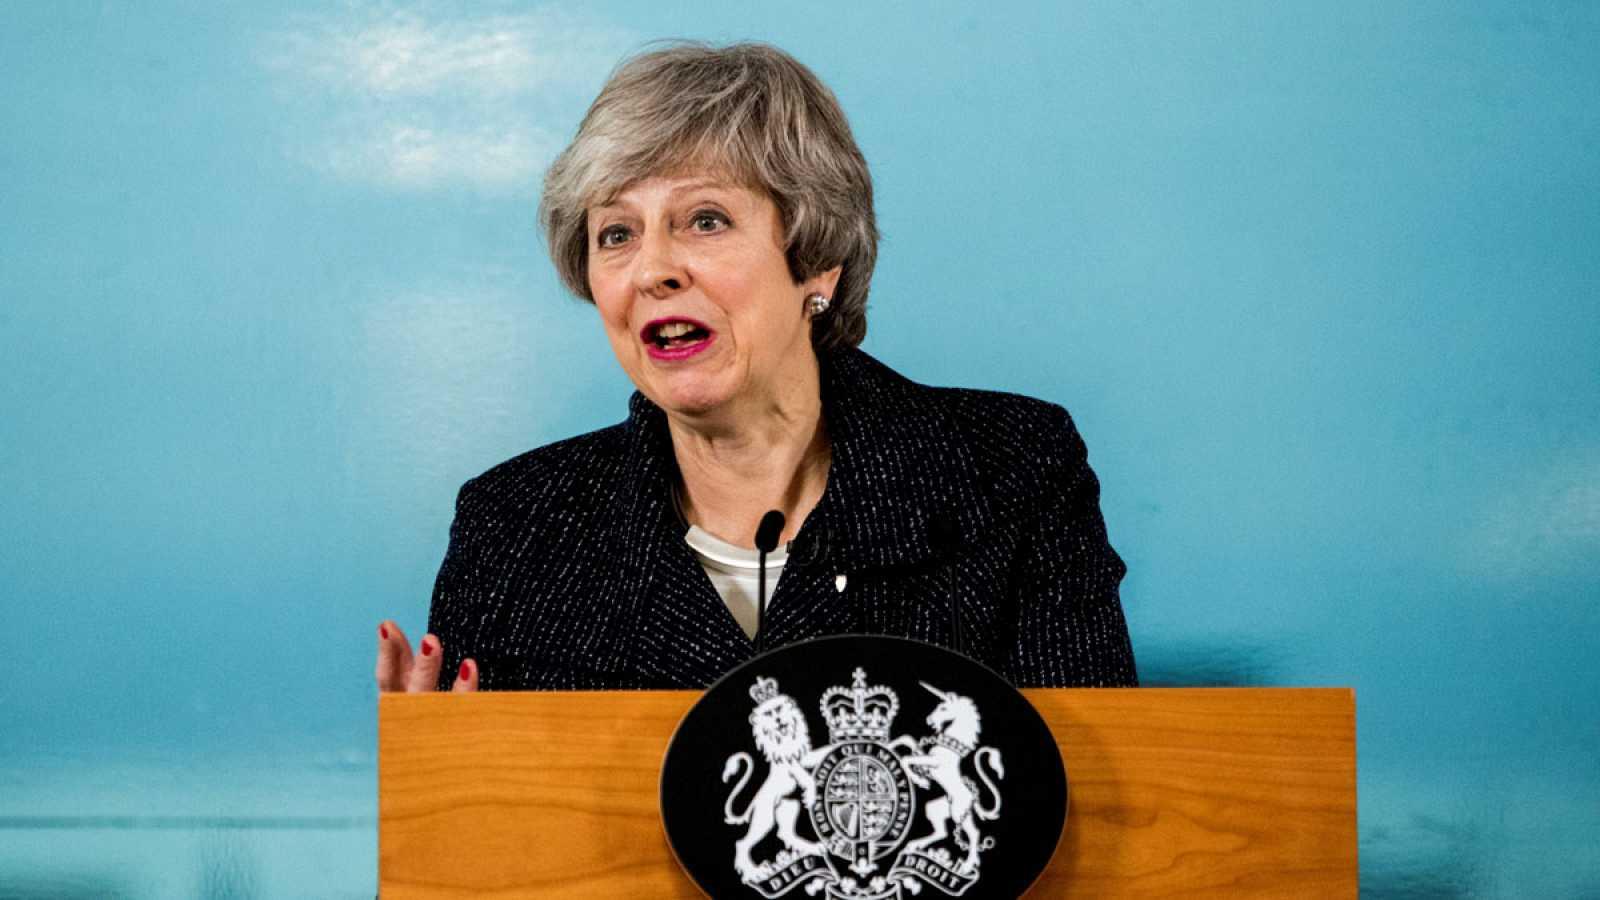 May reitera en Belfast su compromiso para evitar una frontera dura con Irlanda